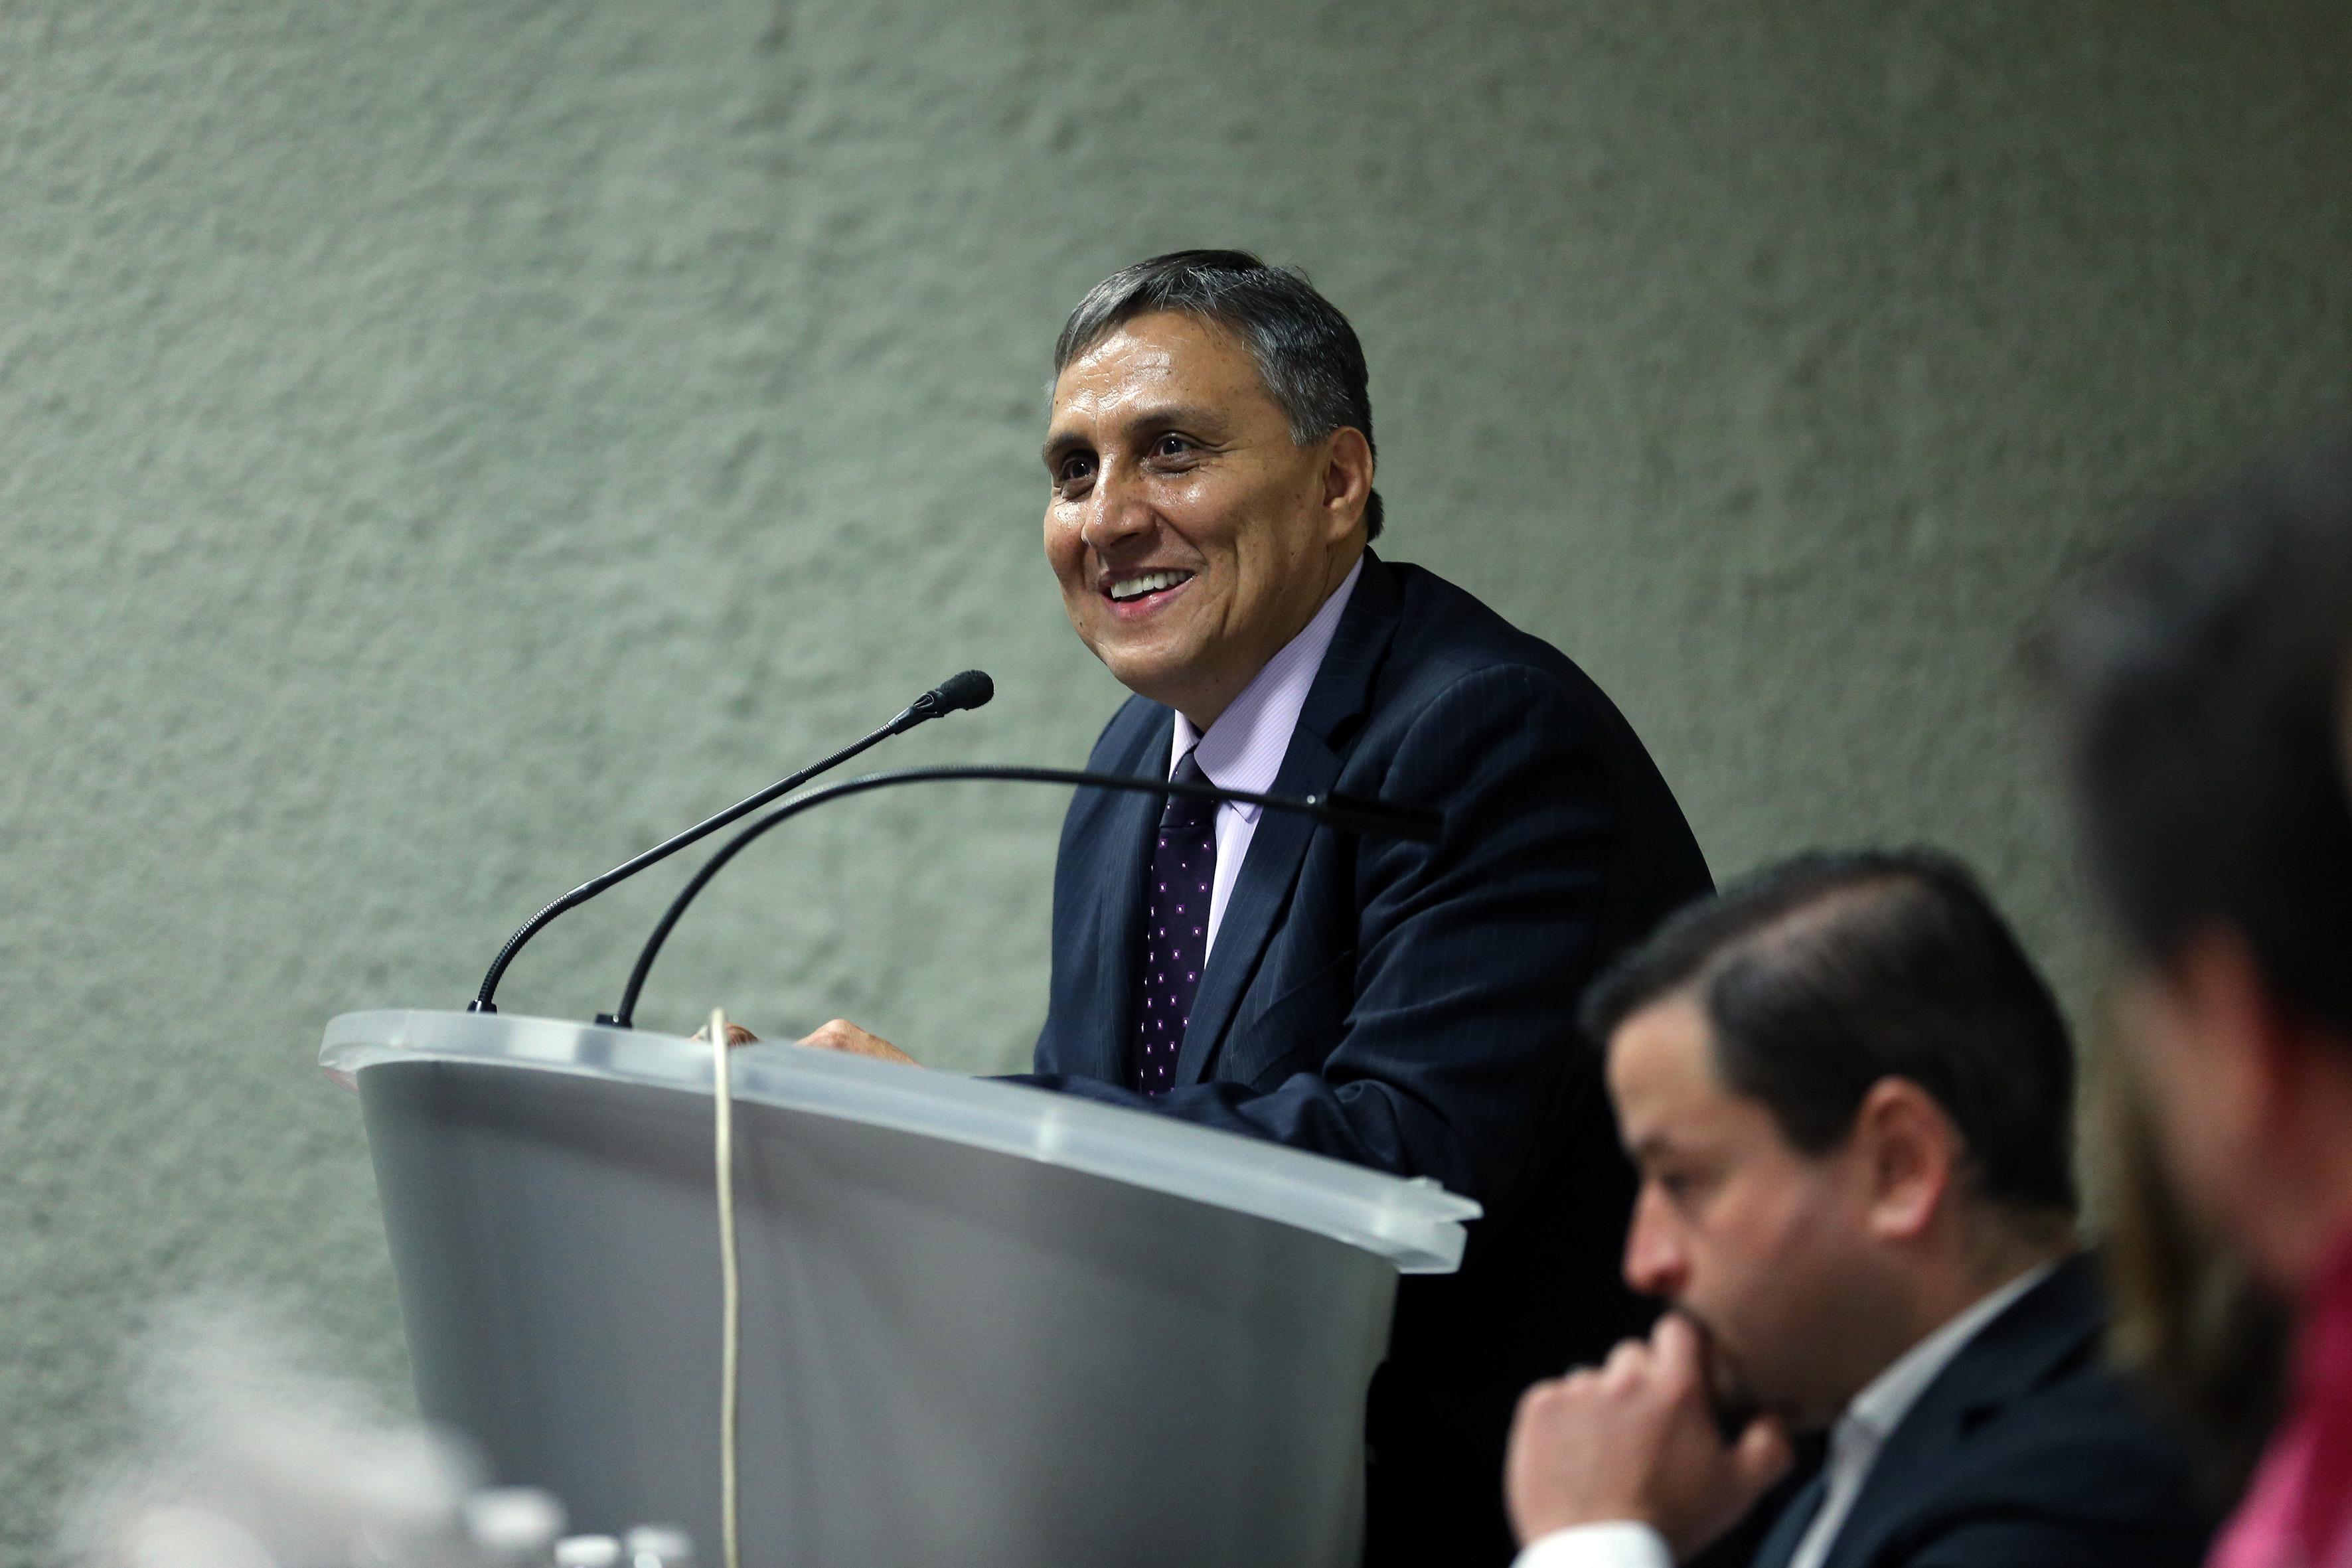 Dr Guillermo Aréchiga haciendo uso de la voz en podium